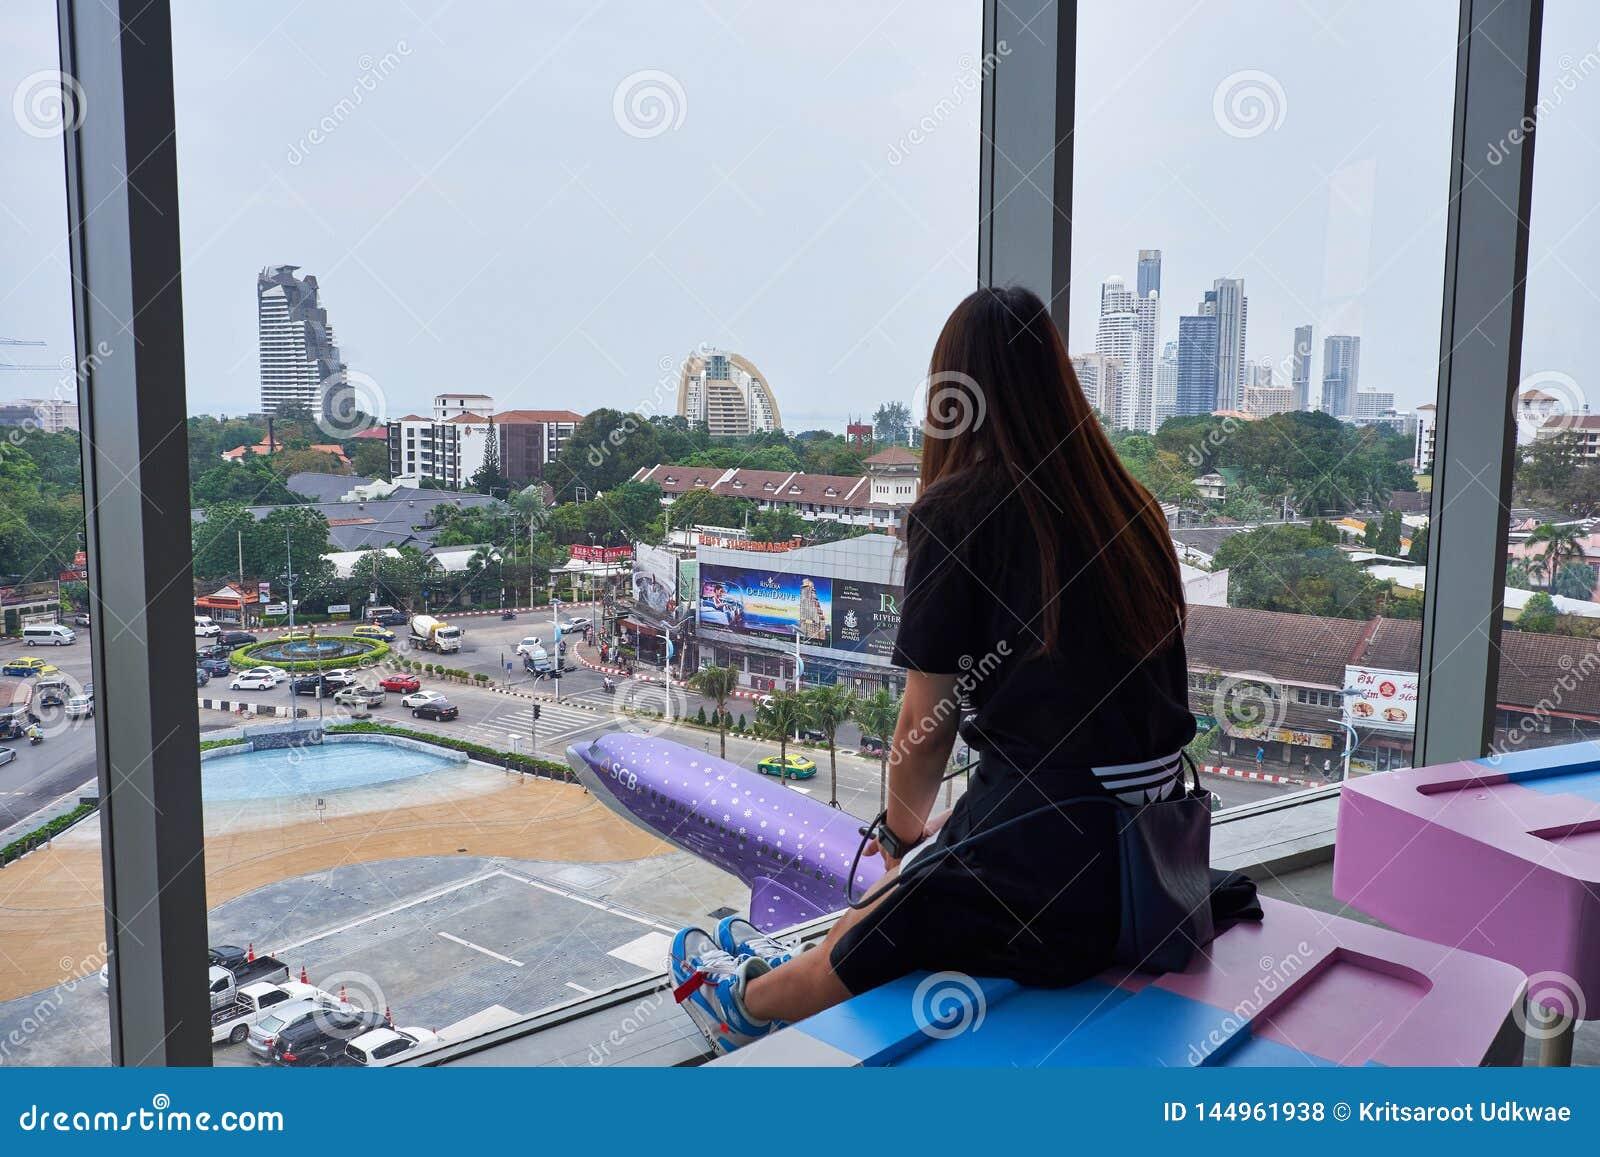 A woman watching outside at Terminal 21 Pattaya